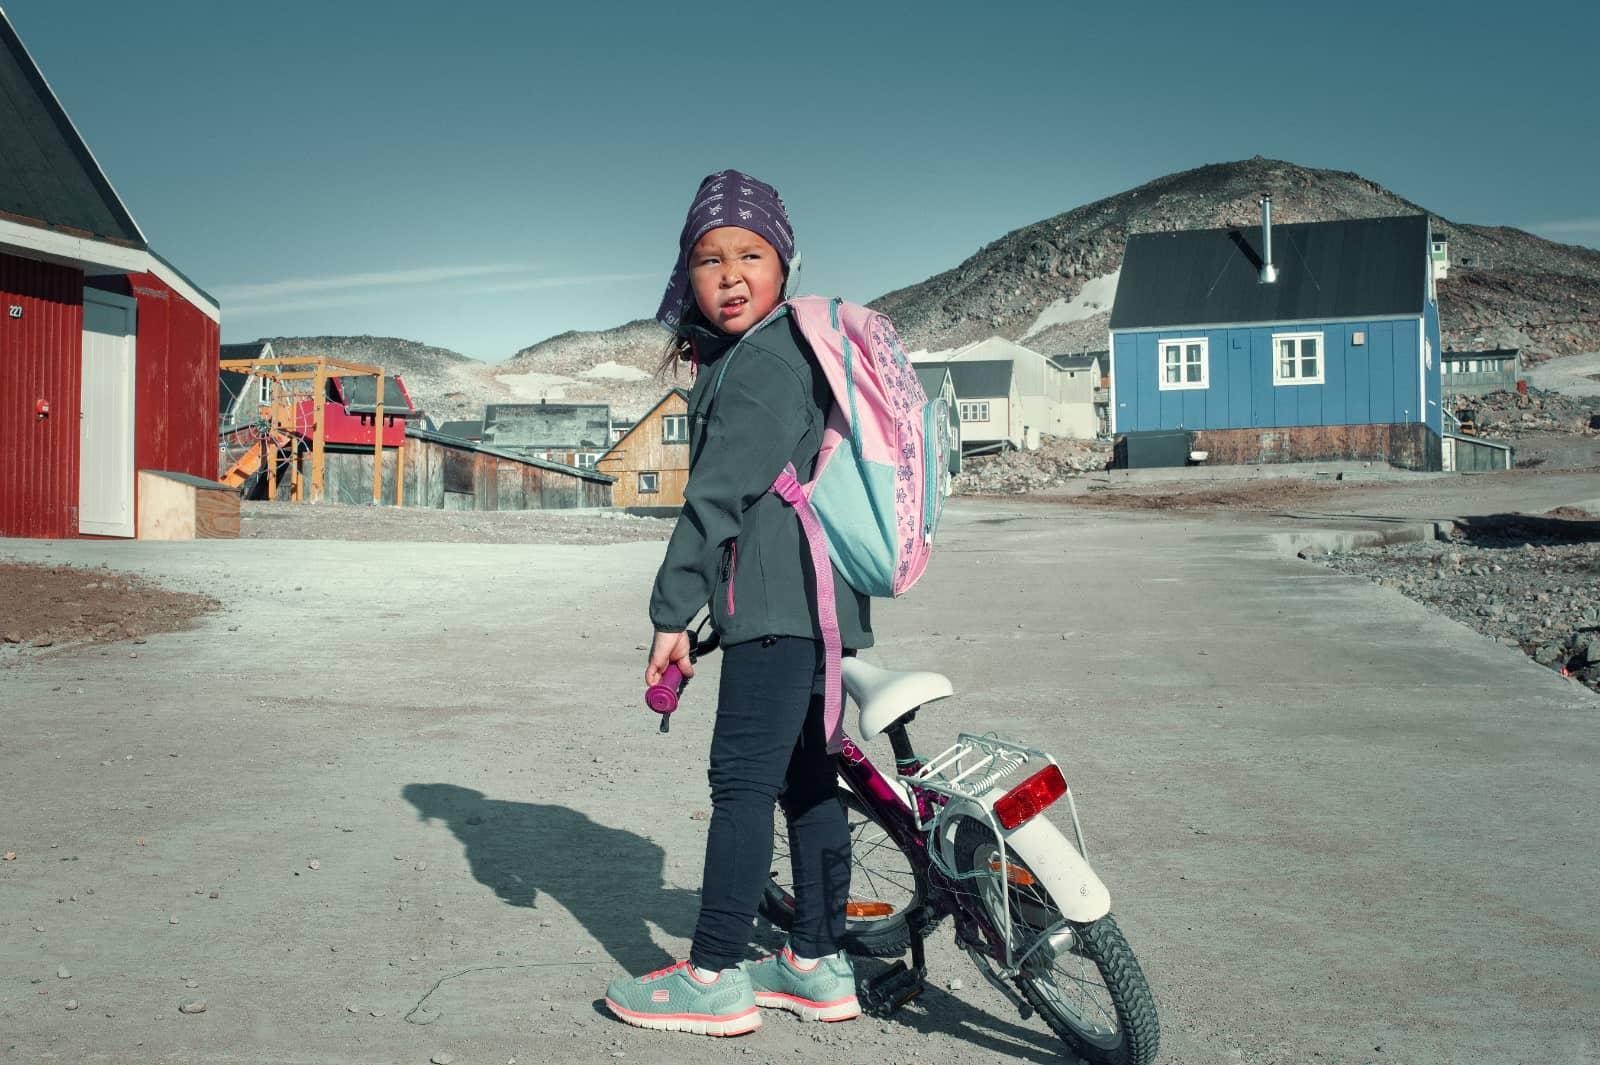 jongen met fiets in Groenland met rode en blauwe huizen tegen bergen achter hem